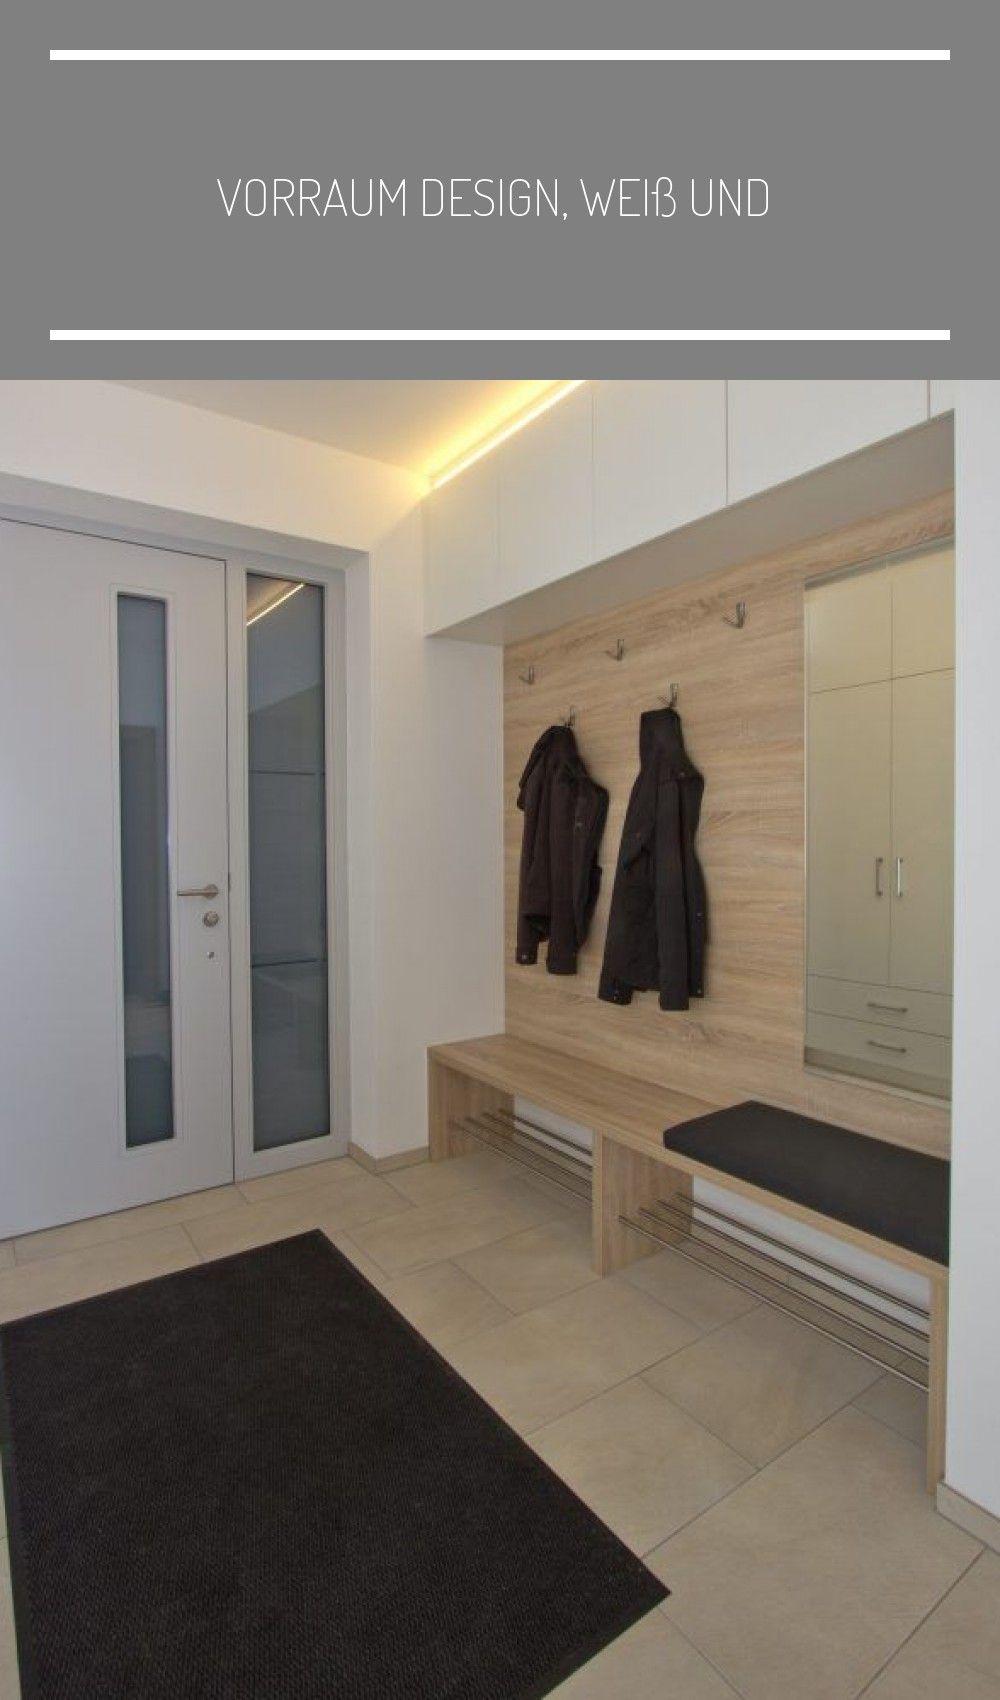 Vorraum Design Weiss Und Holz Modern Sitzbank Diele Garderobe